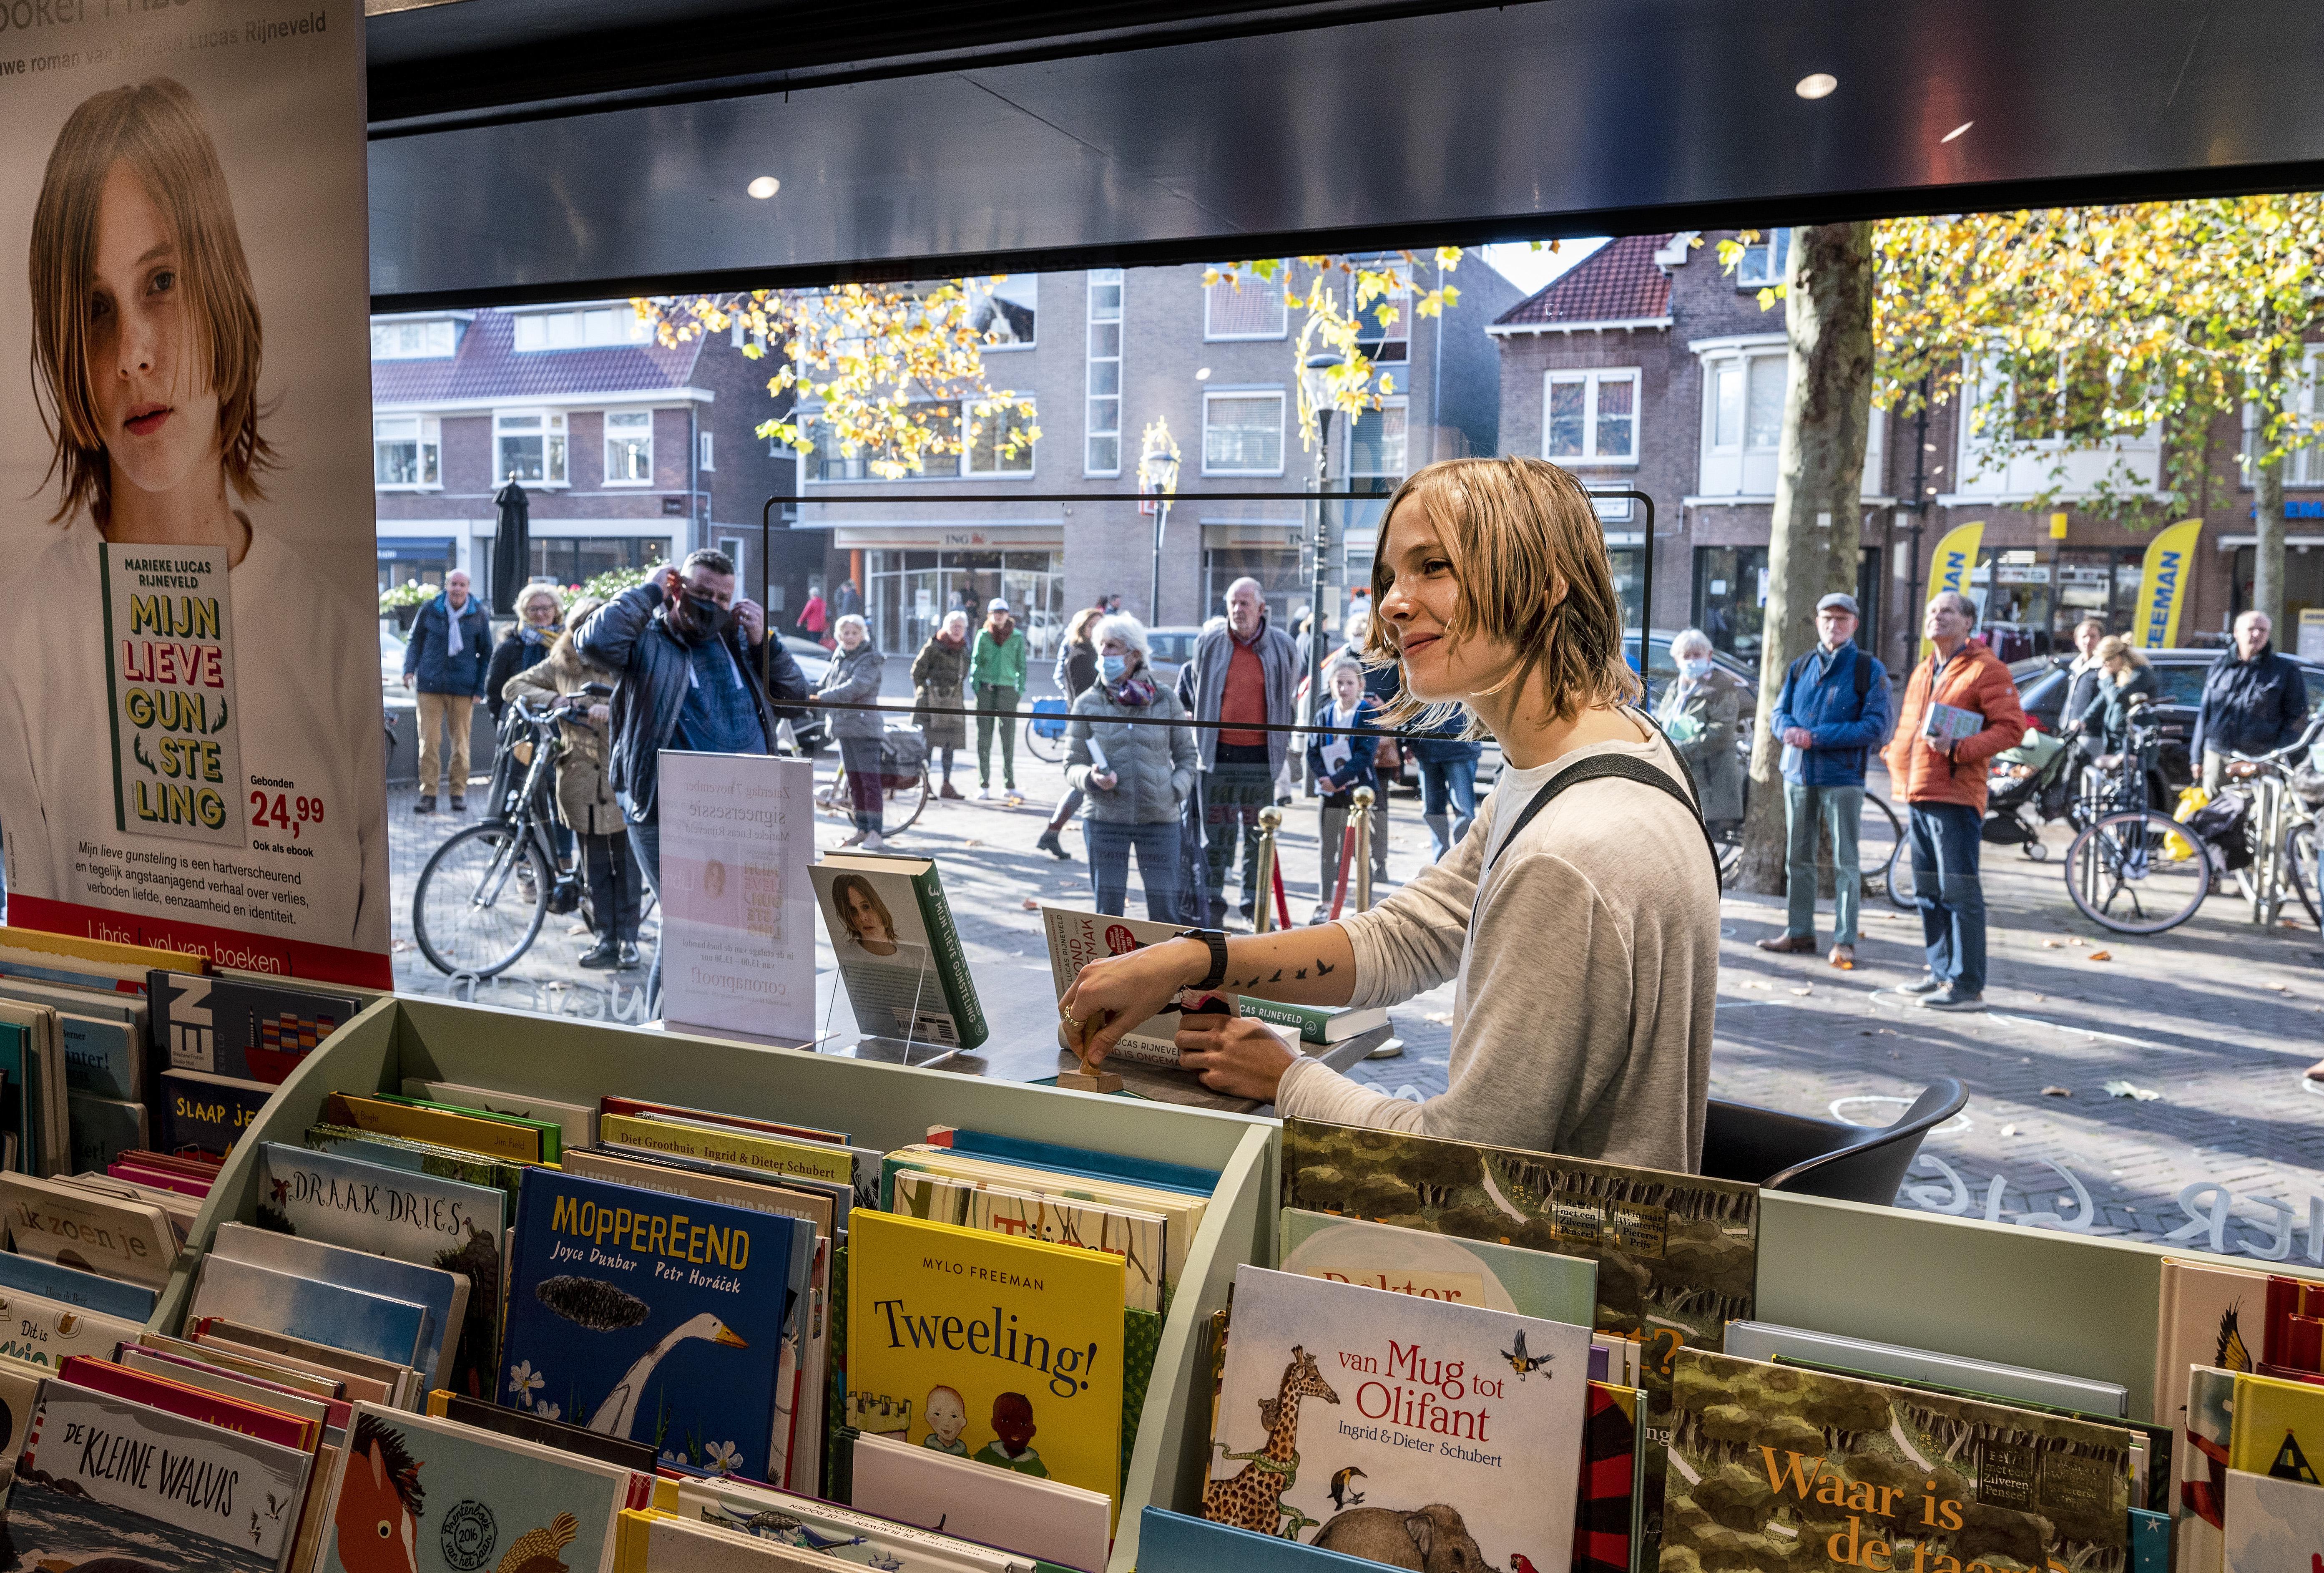 Marieke Lucas Rijneveld 'de Messi van de literatuur' signeert in Haarlem en Heemstede